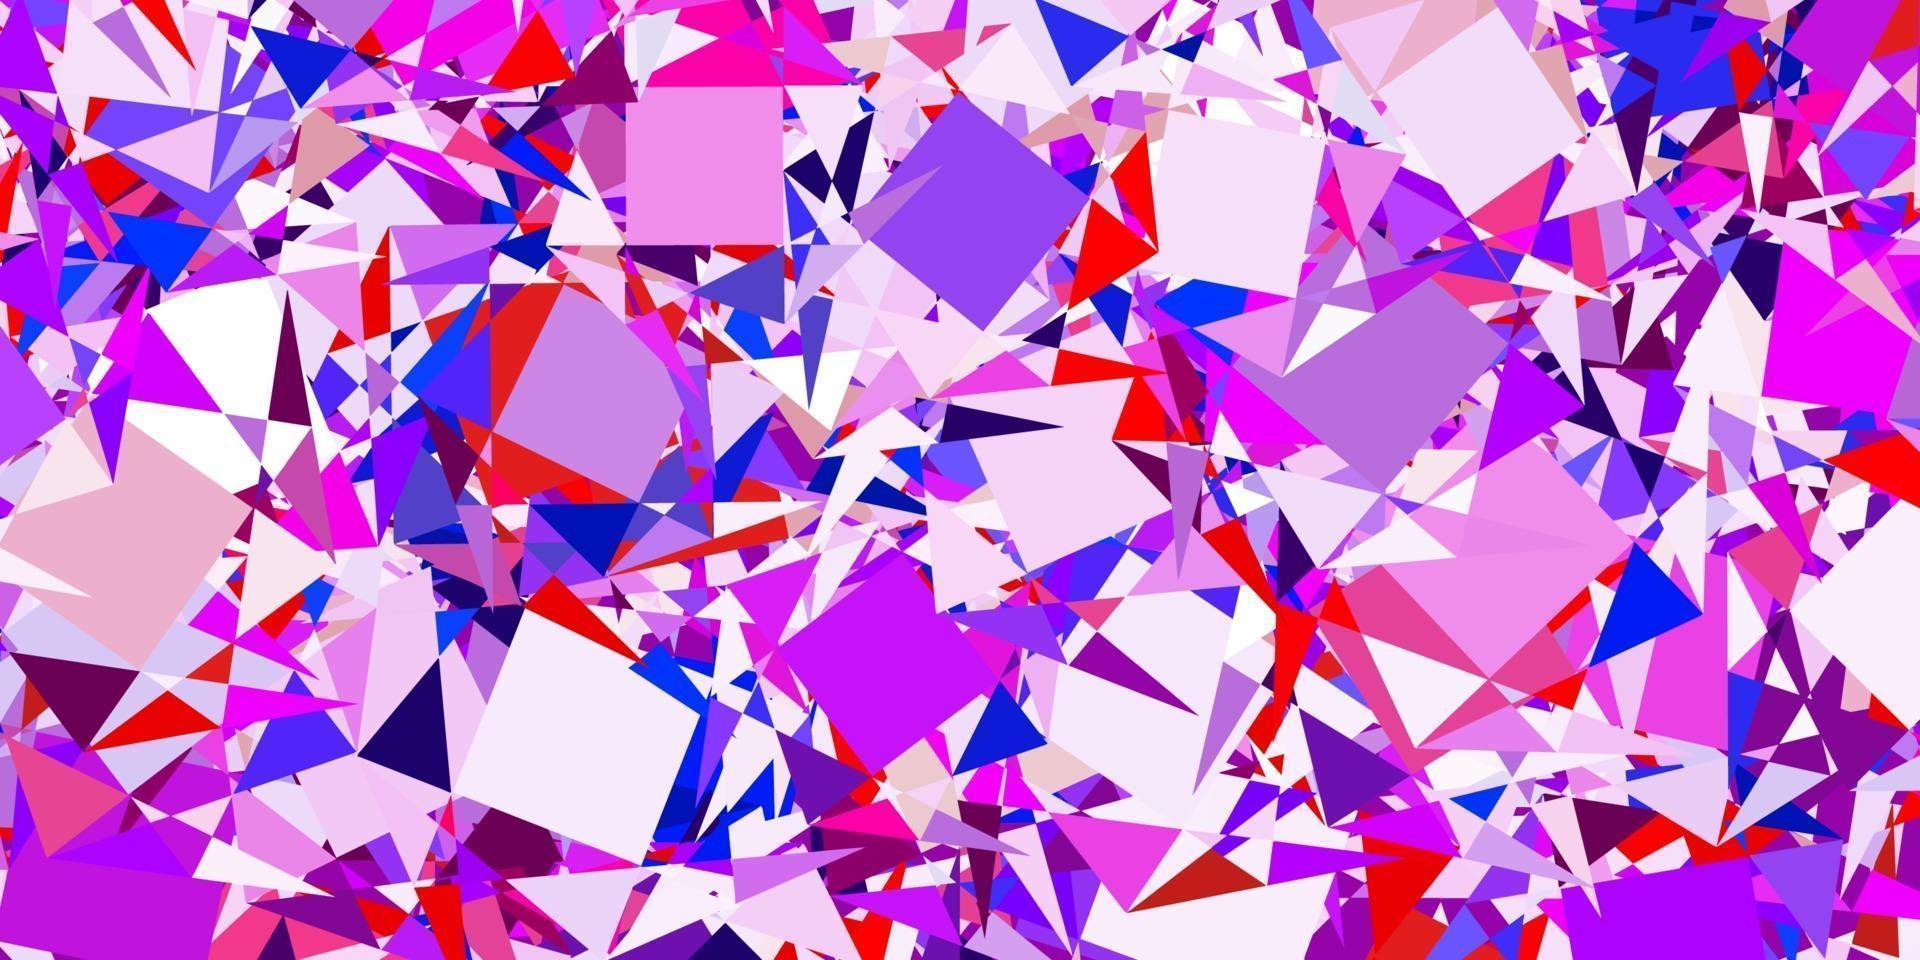 hellblaues, rotes Vektorlayout mit Dreiecksformen. vektor